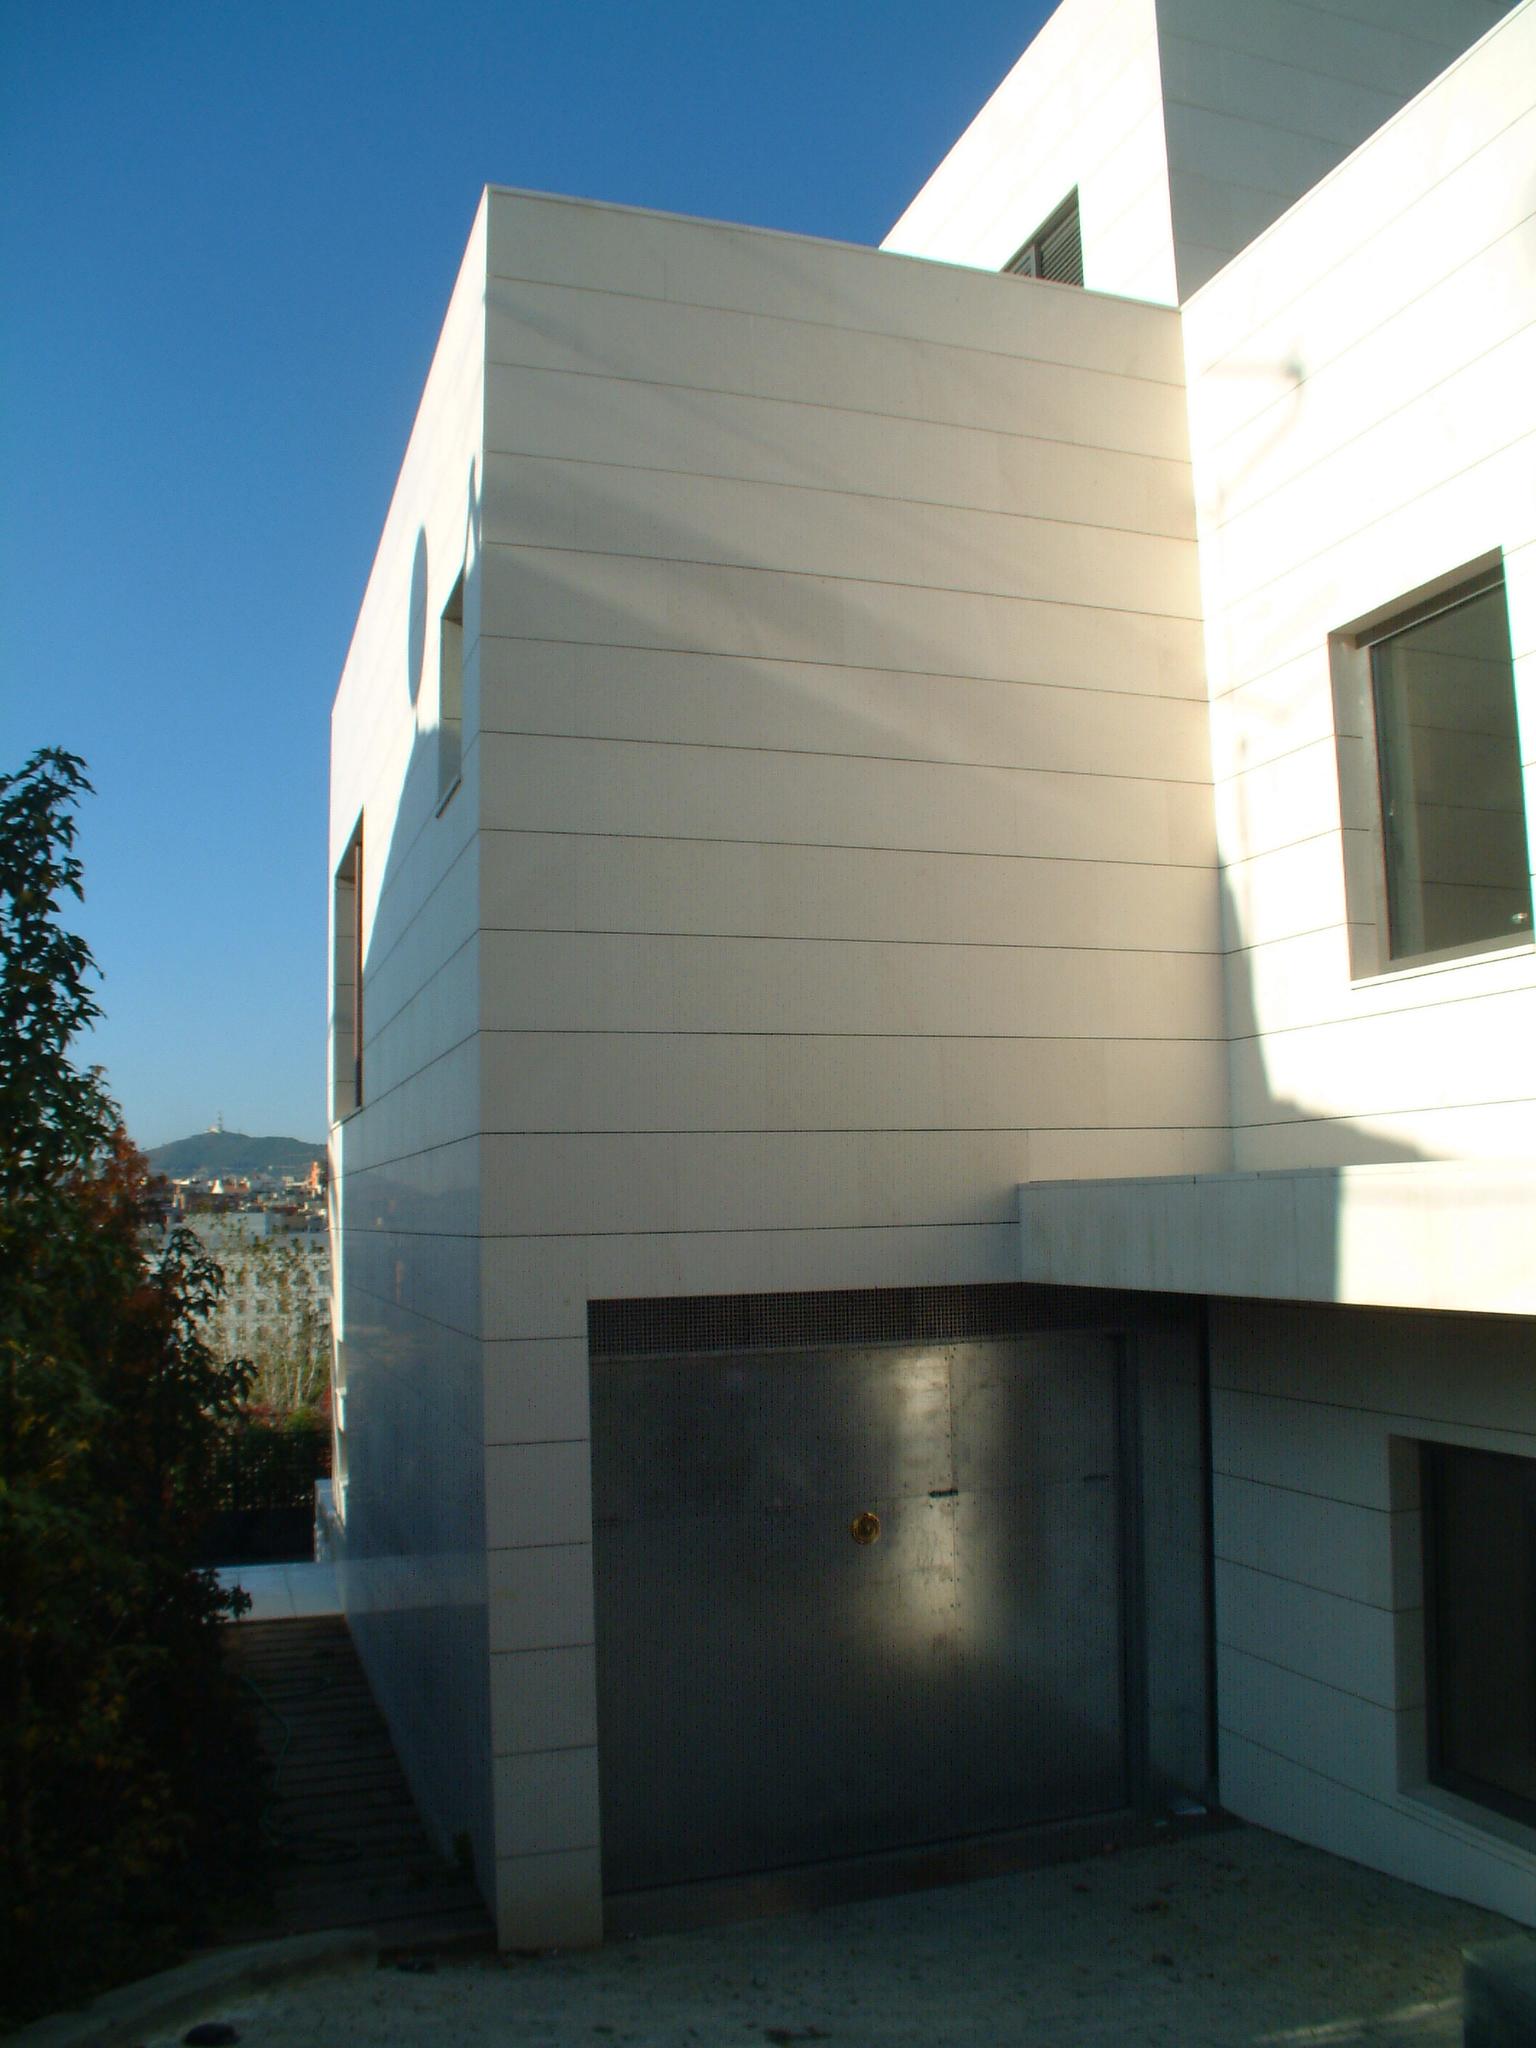 Fachadas ventiladas con aplacado de piedra. Sistema Masa. Viviendas.